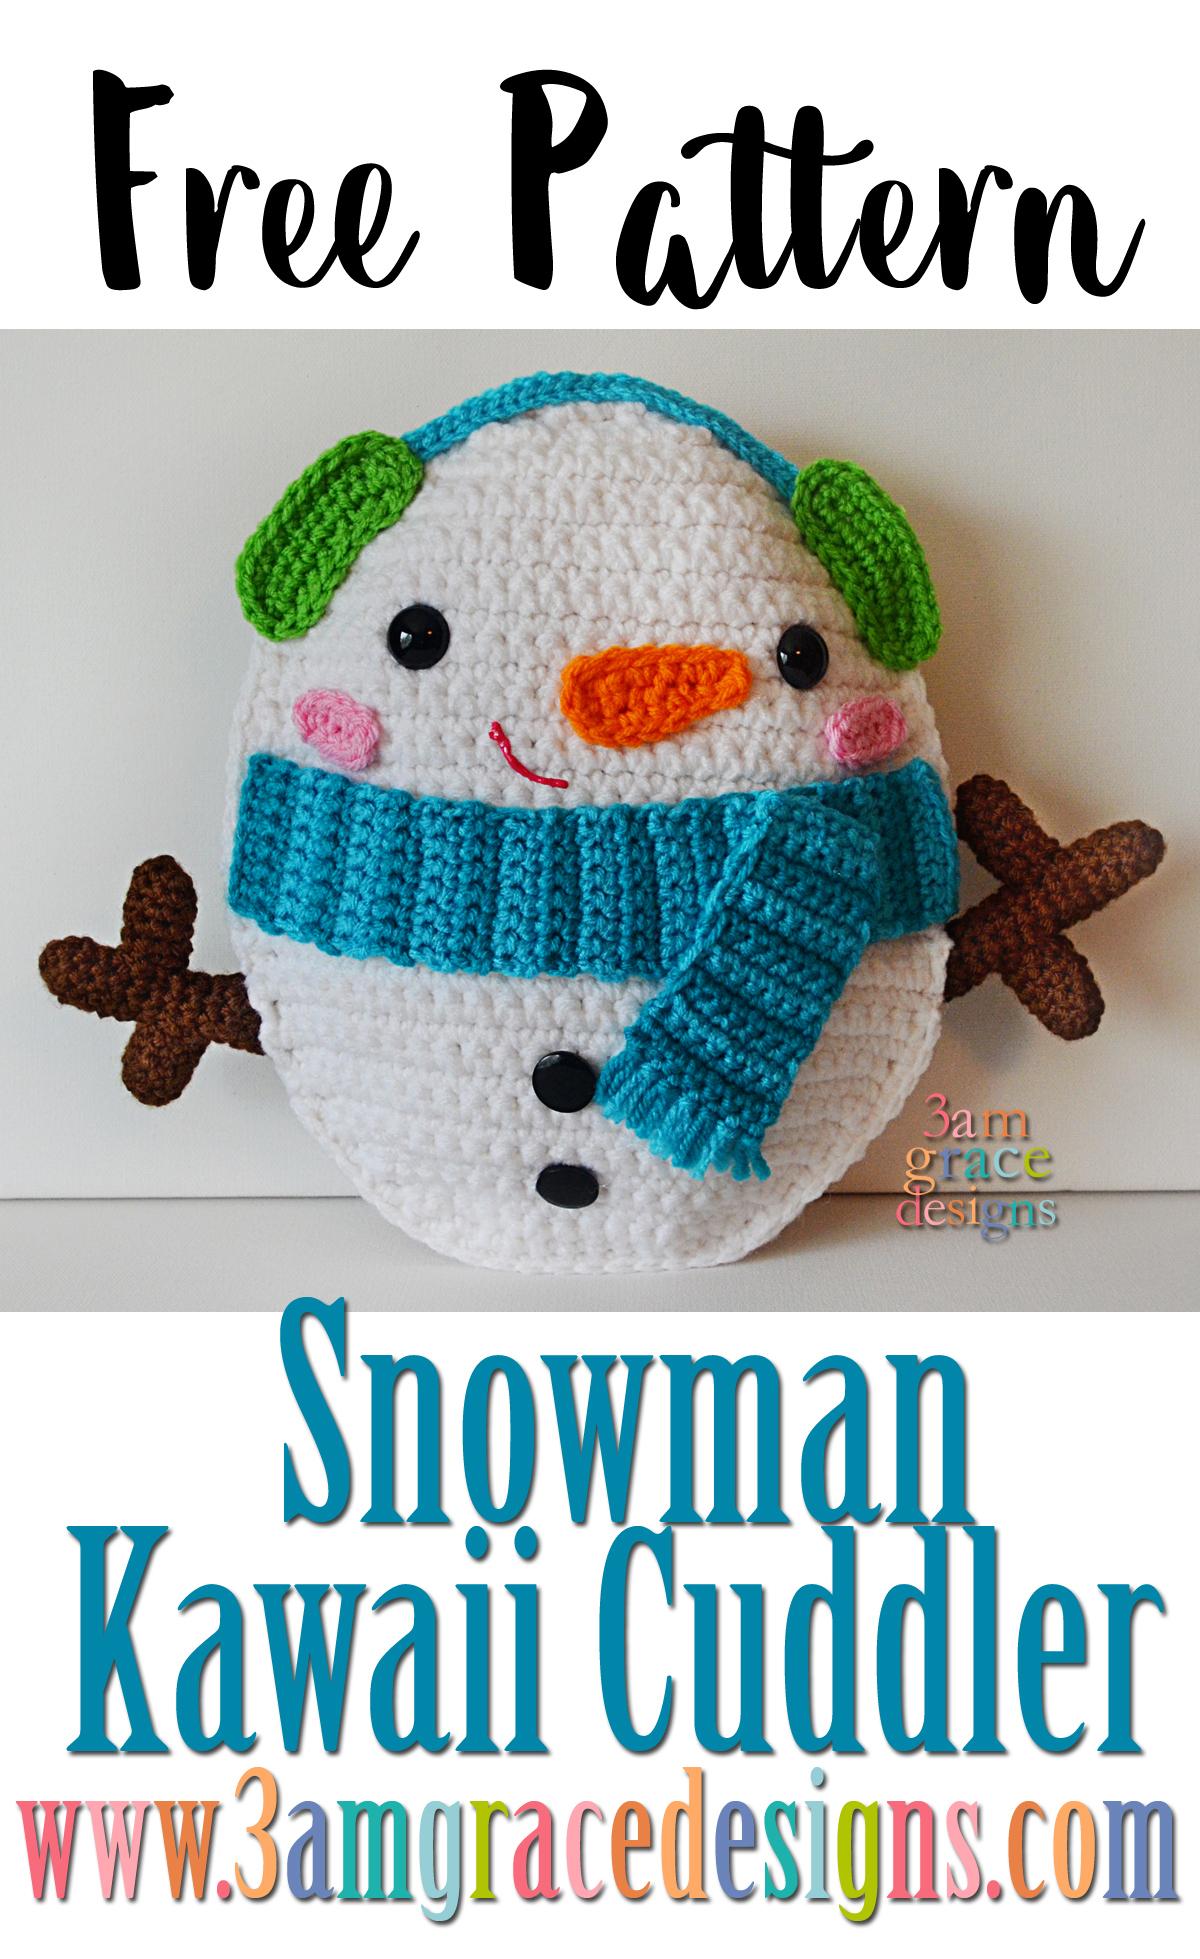 Snowman Kawaii Cuddler™ | 3amgracedesigns